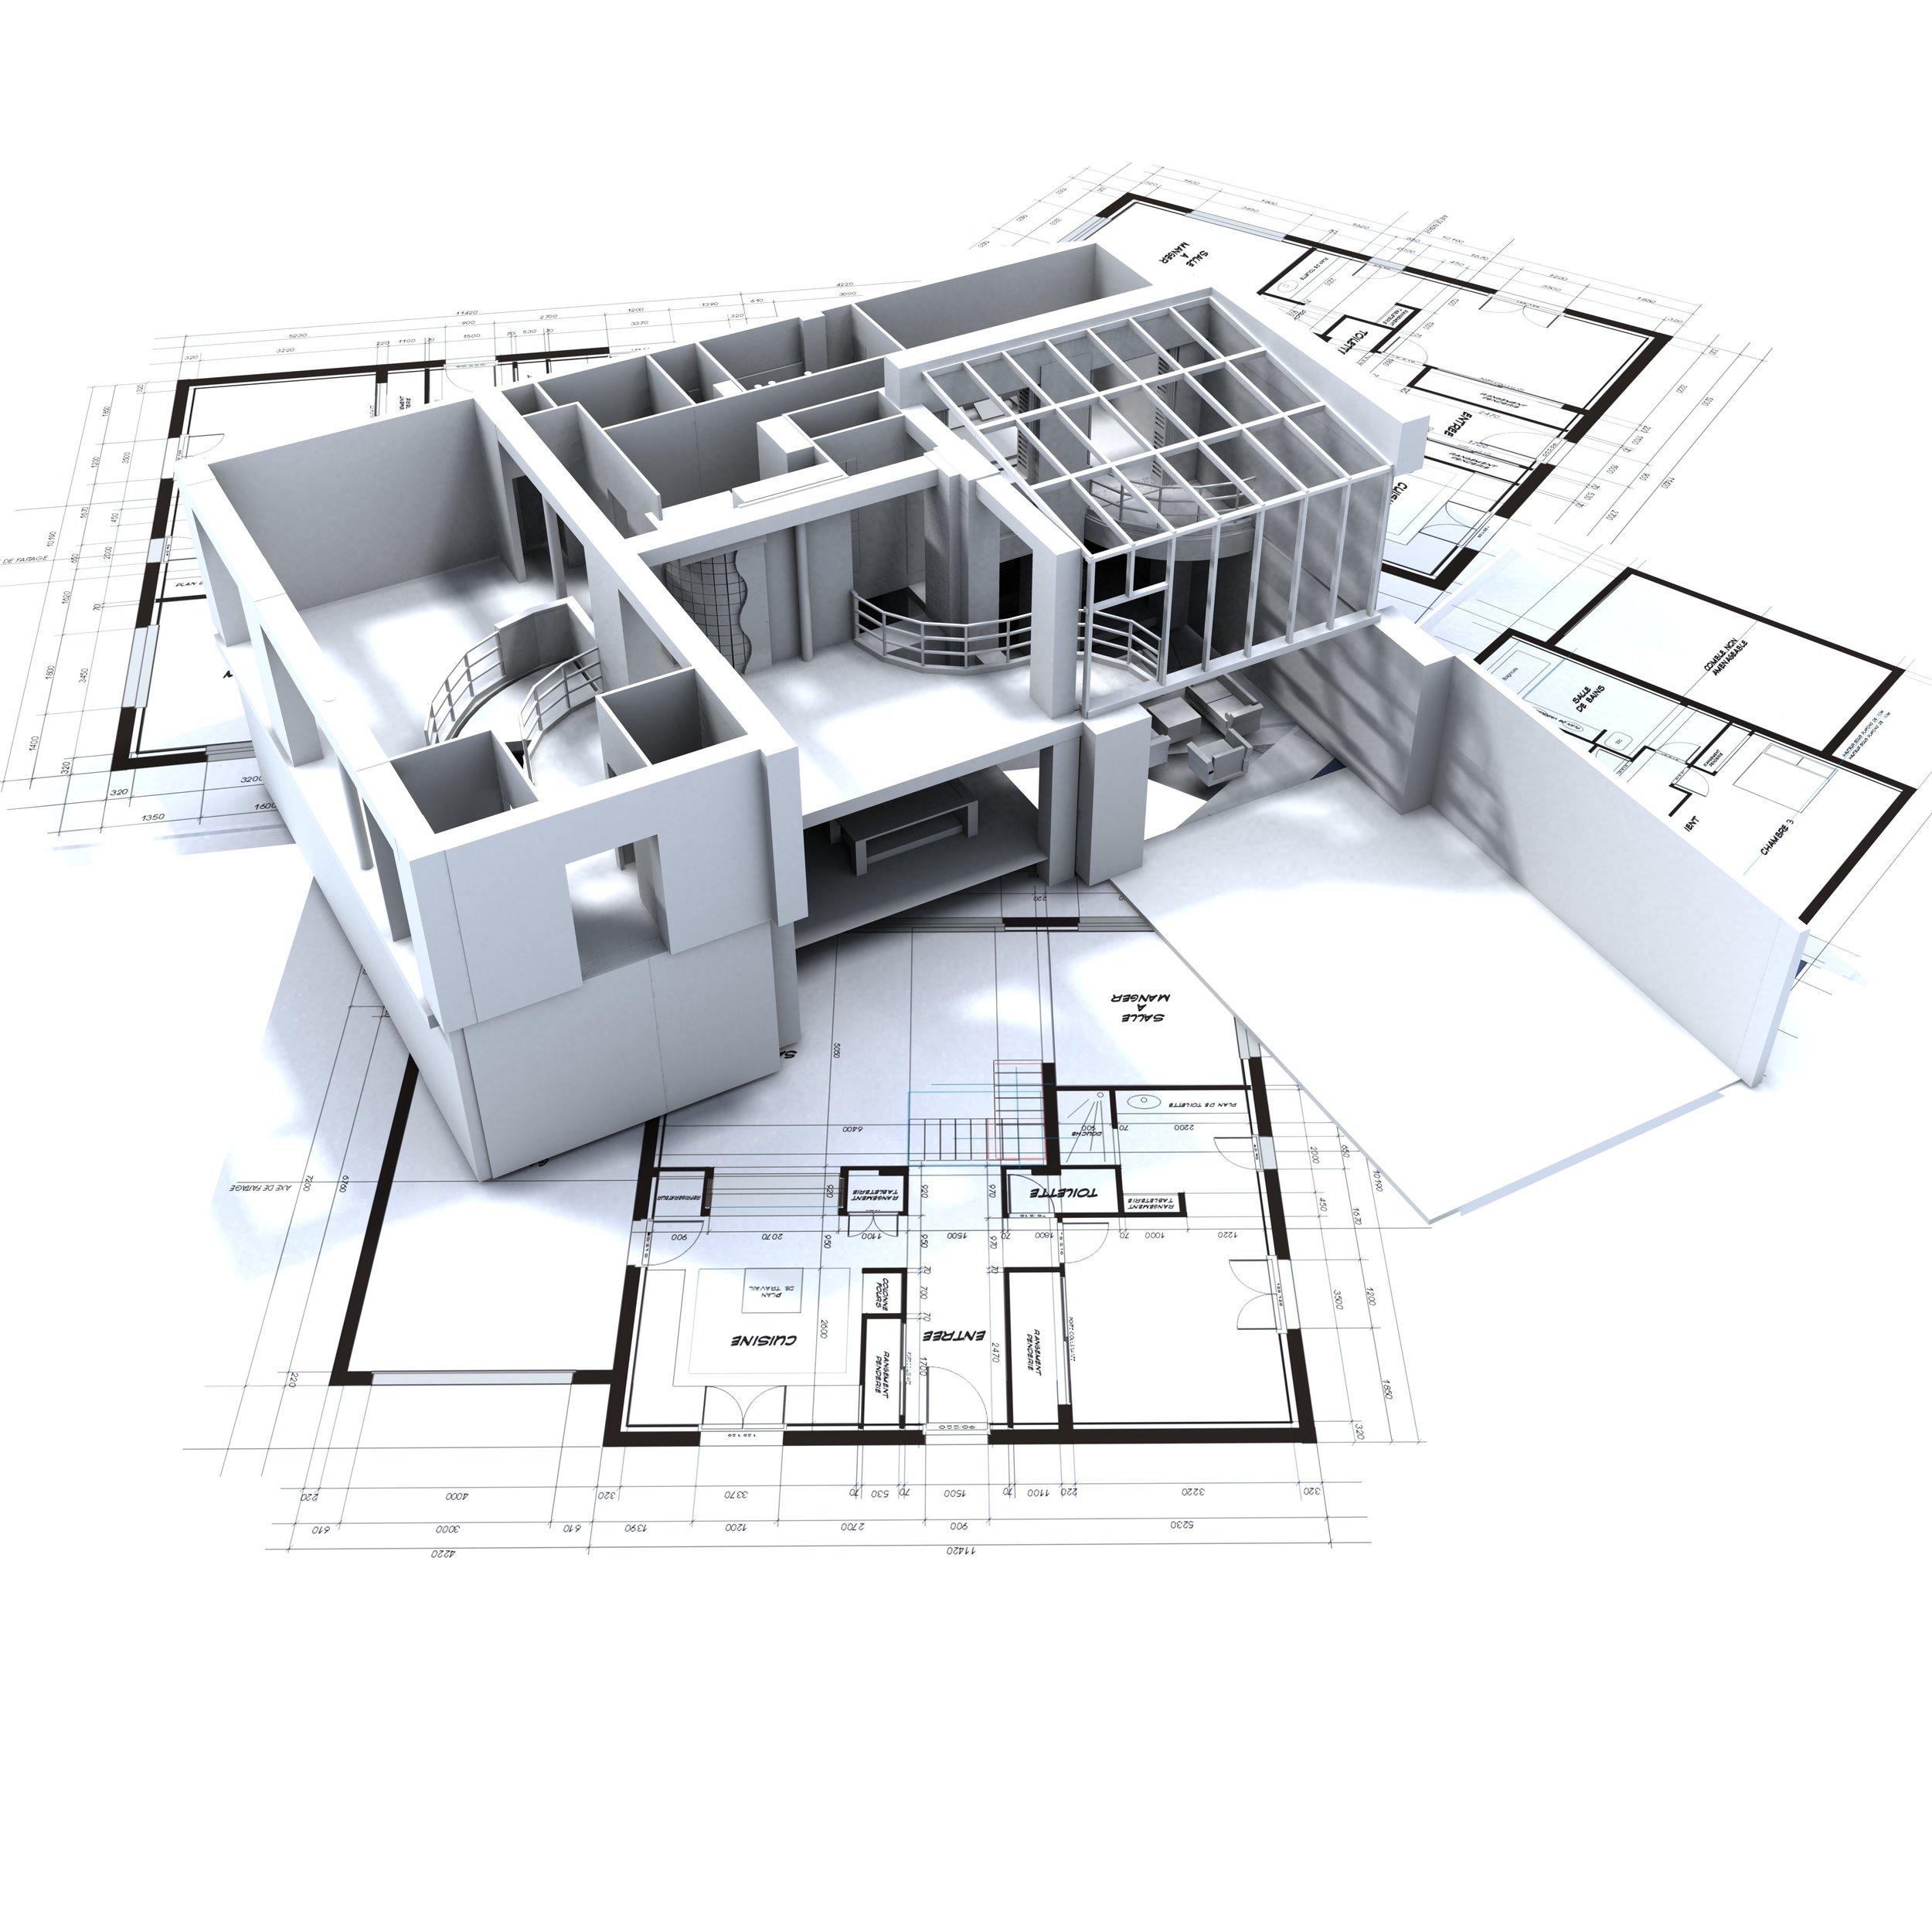 「建物の構造」でアパートかマンションを区別 -